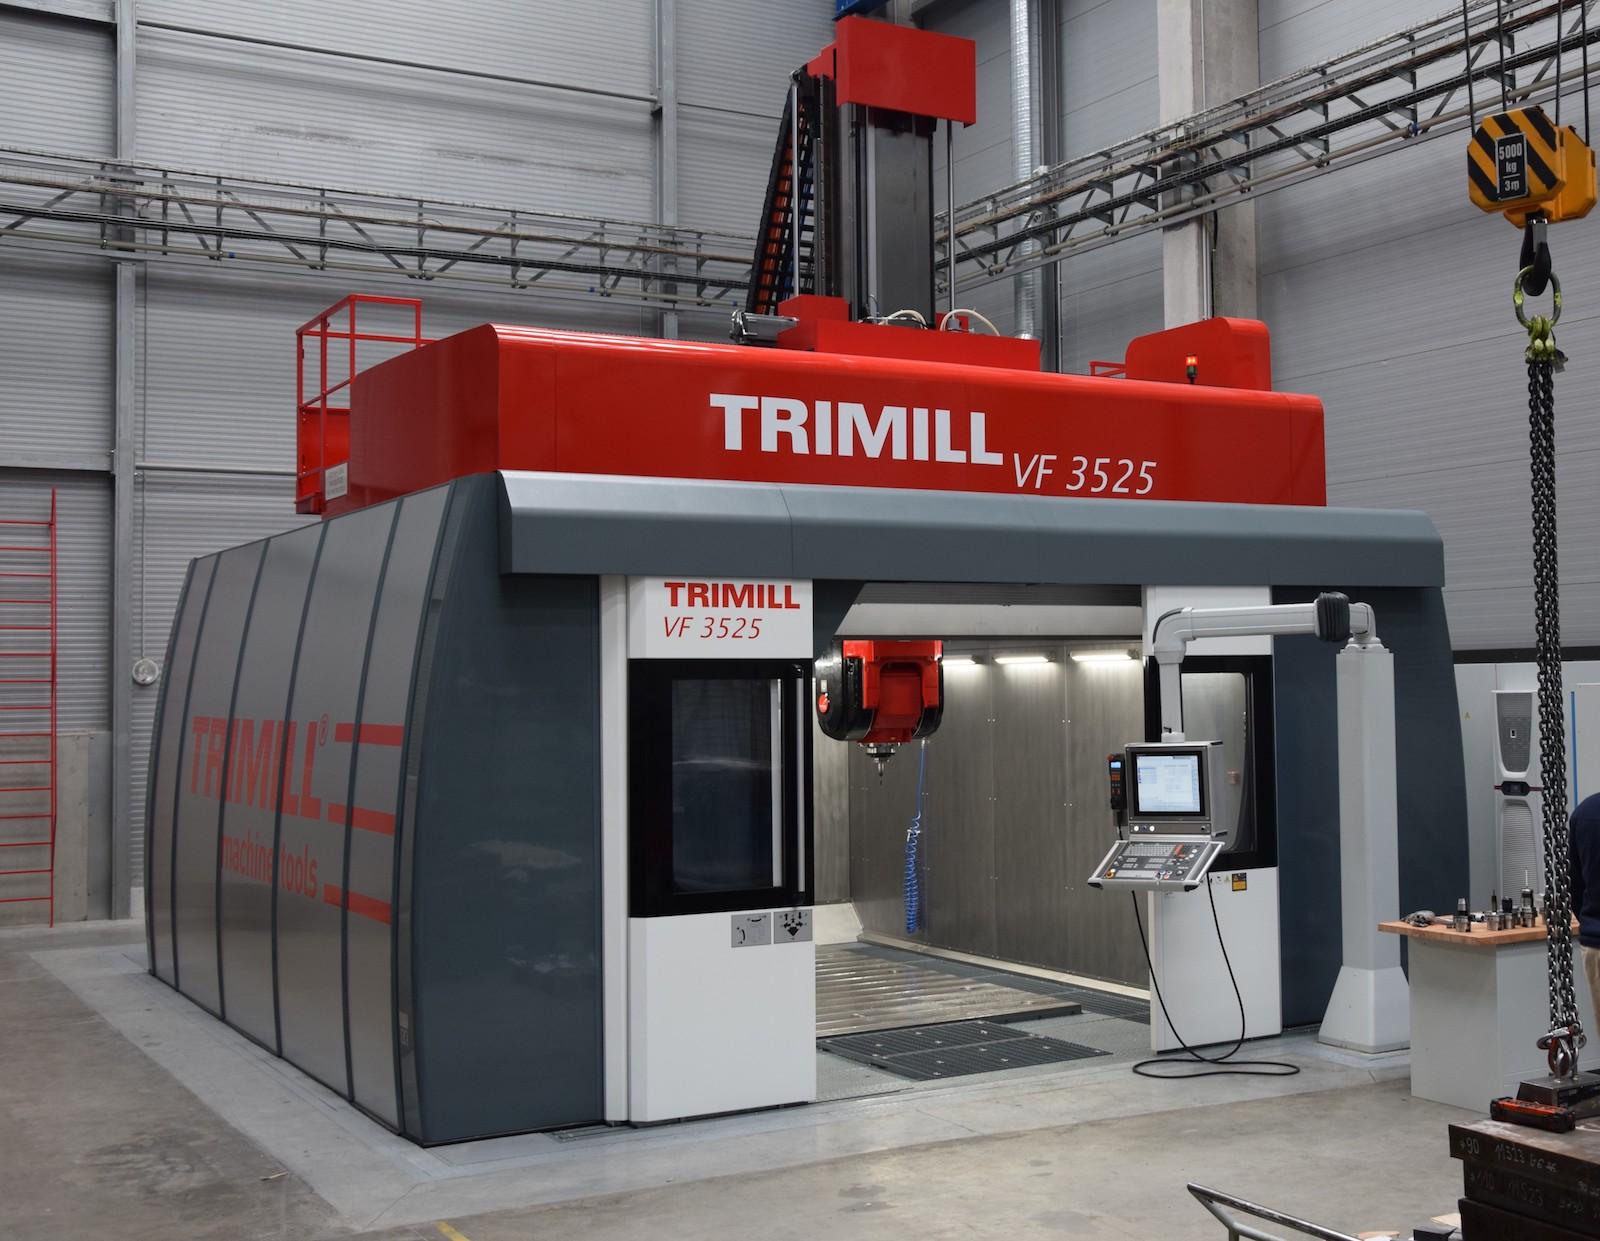 Instalace CNC obráběcího centra Trimill ve společnosti Altran: finální stav